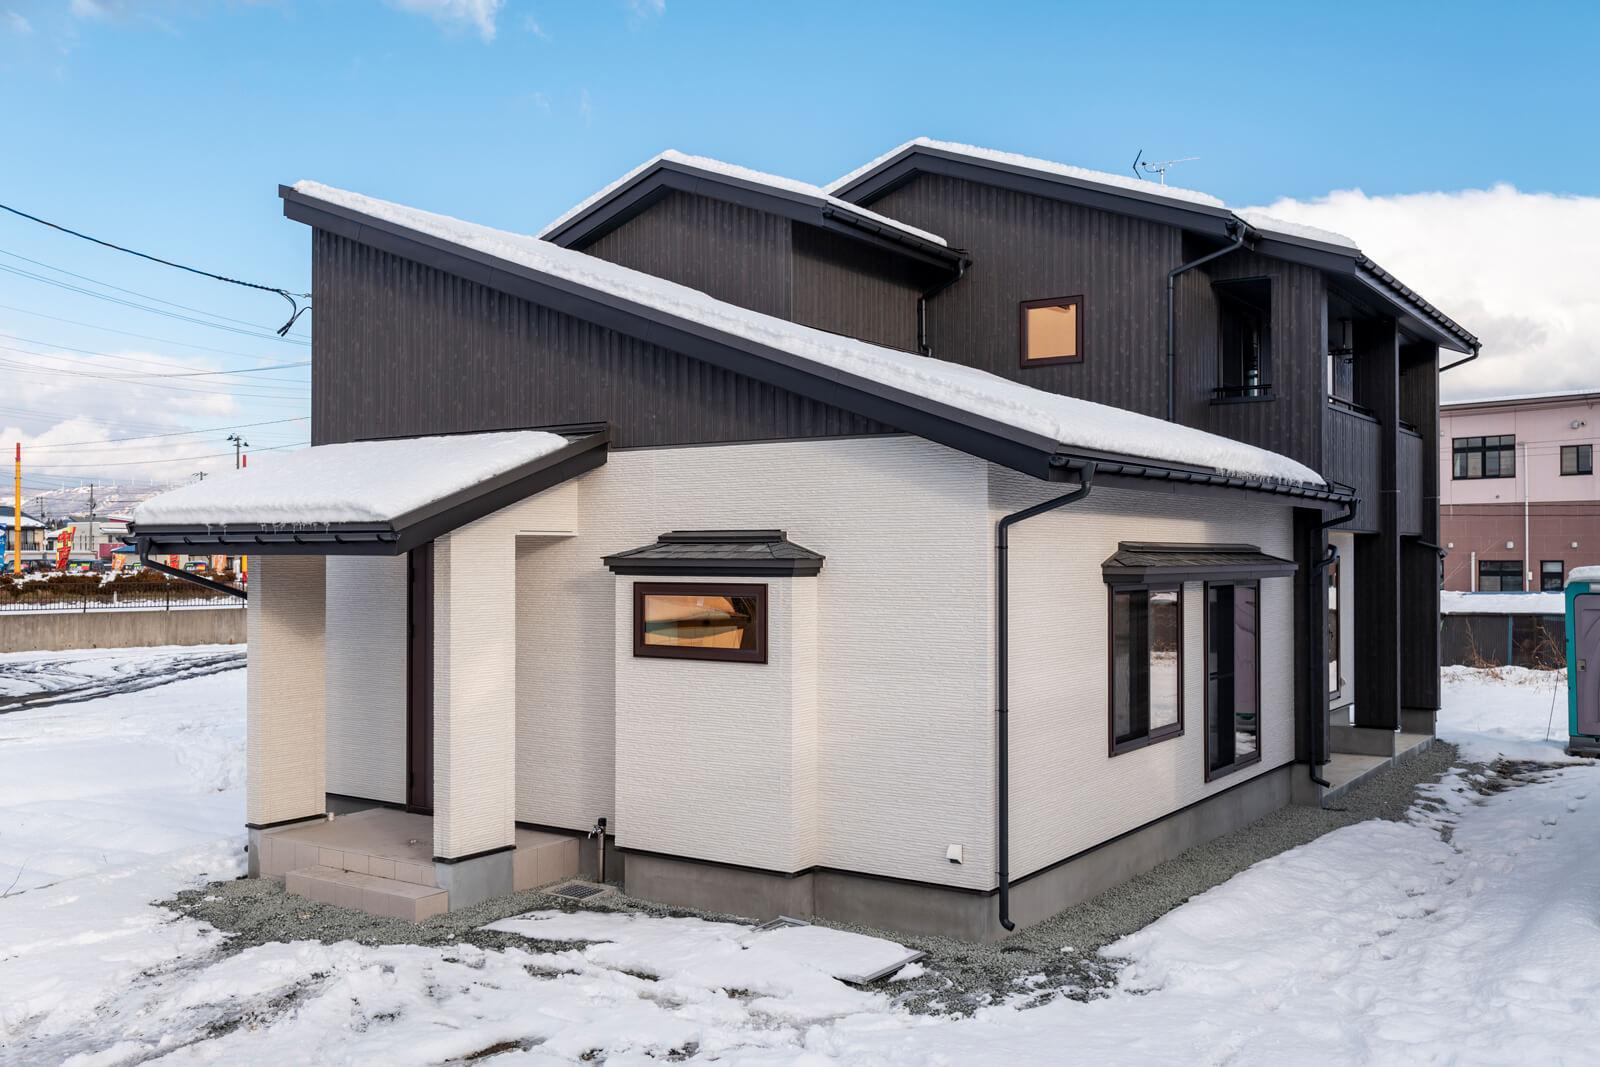 2色のサイディングを用いたシックな外観。雪が落ちない屋根の仕様にも注目を